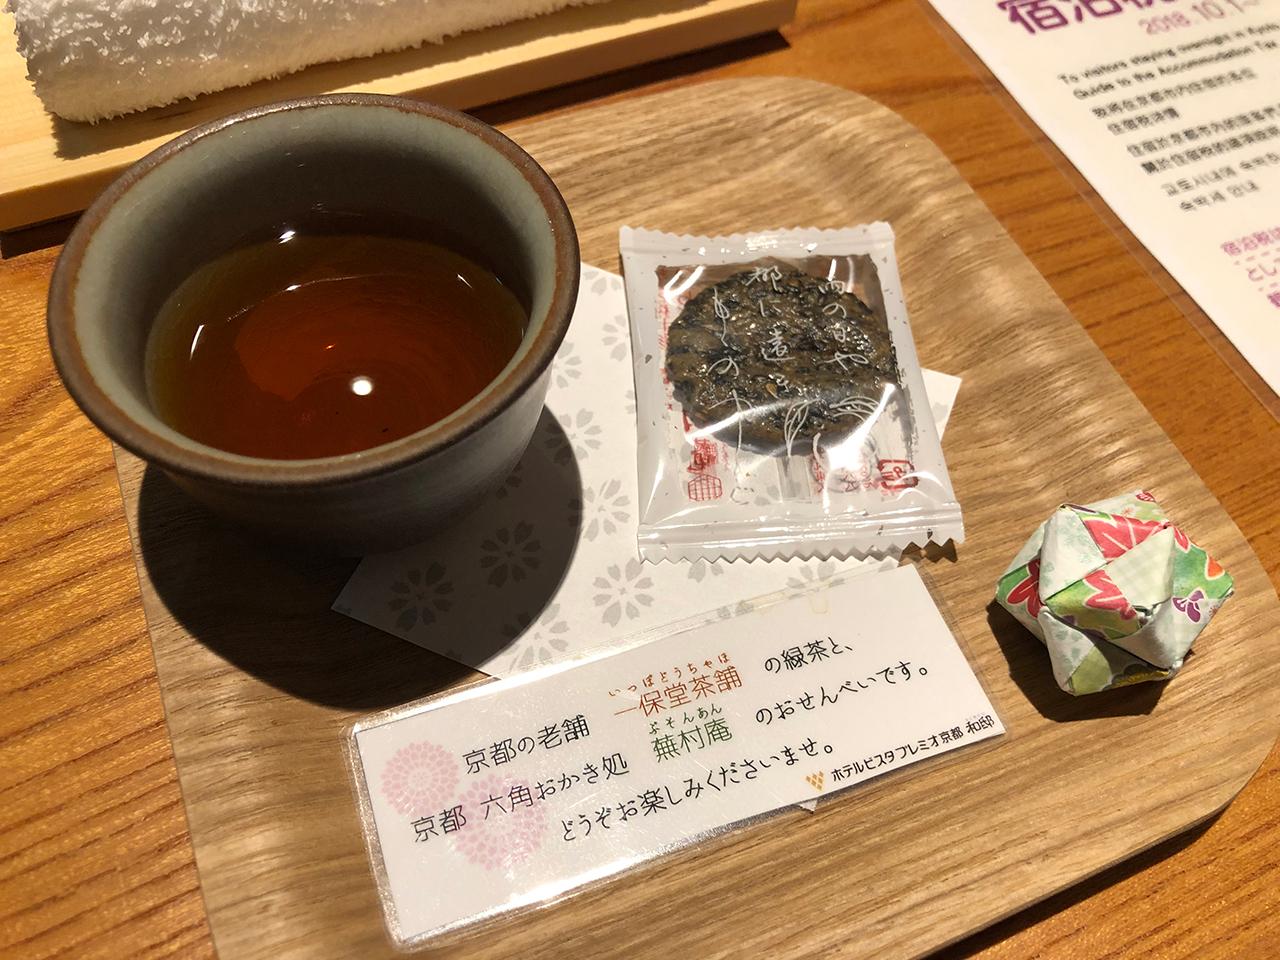 ホテルビスタプレミオ京都 和邸(なごみてい)チャックイン時のお茶とお菓子